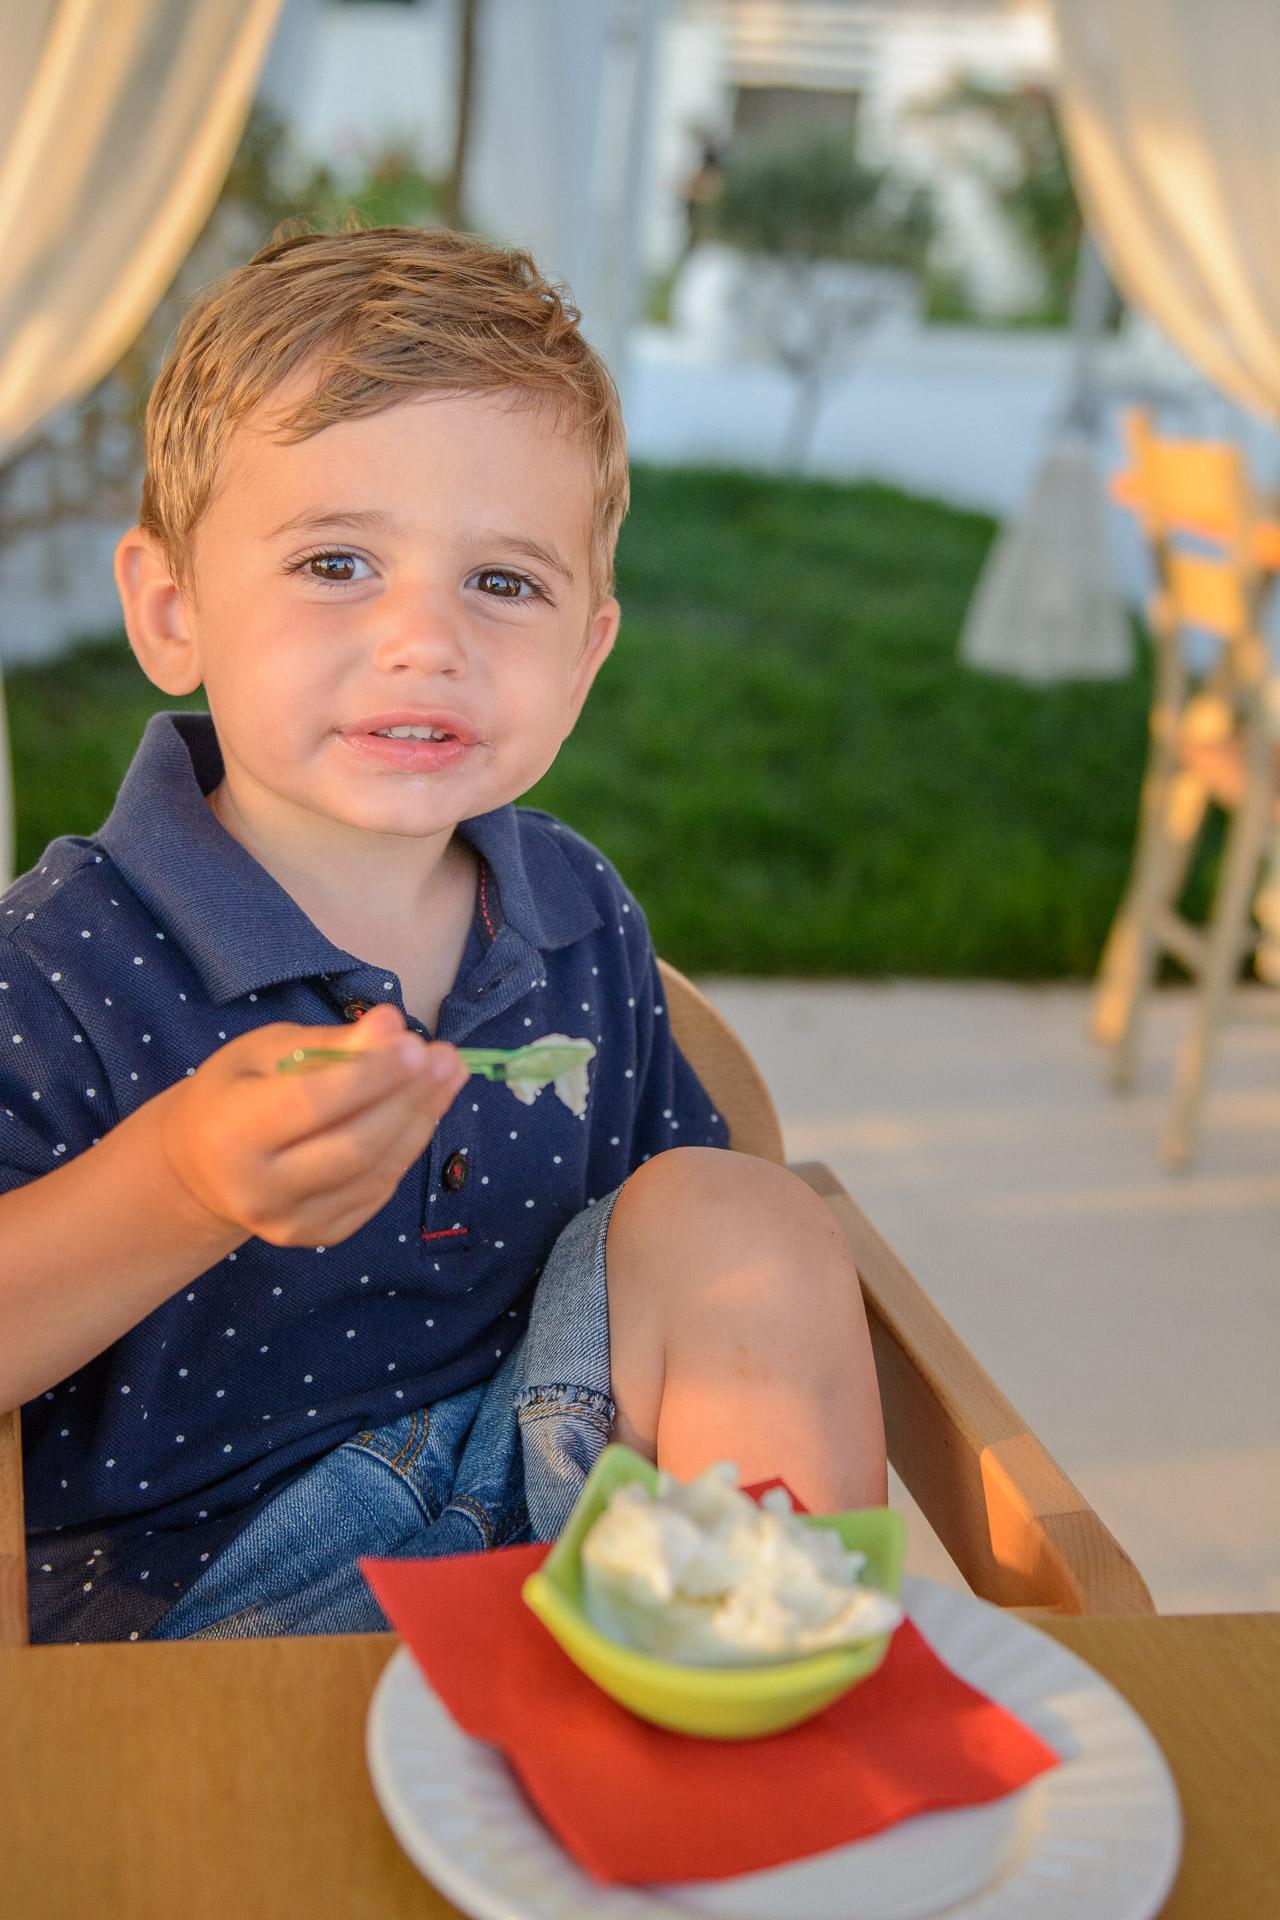 Happy kid eats ice cream